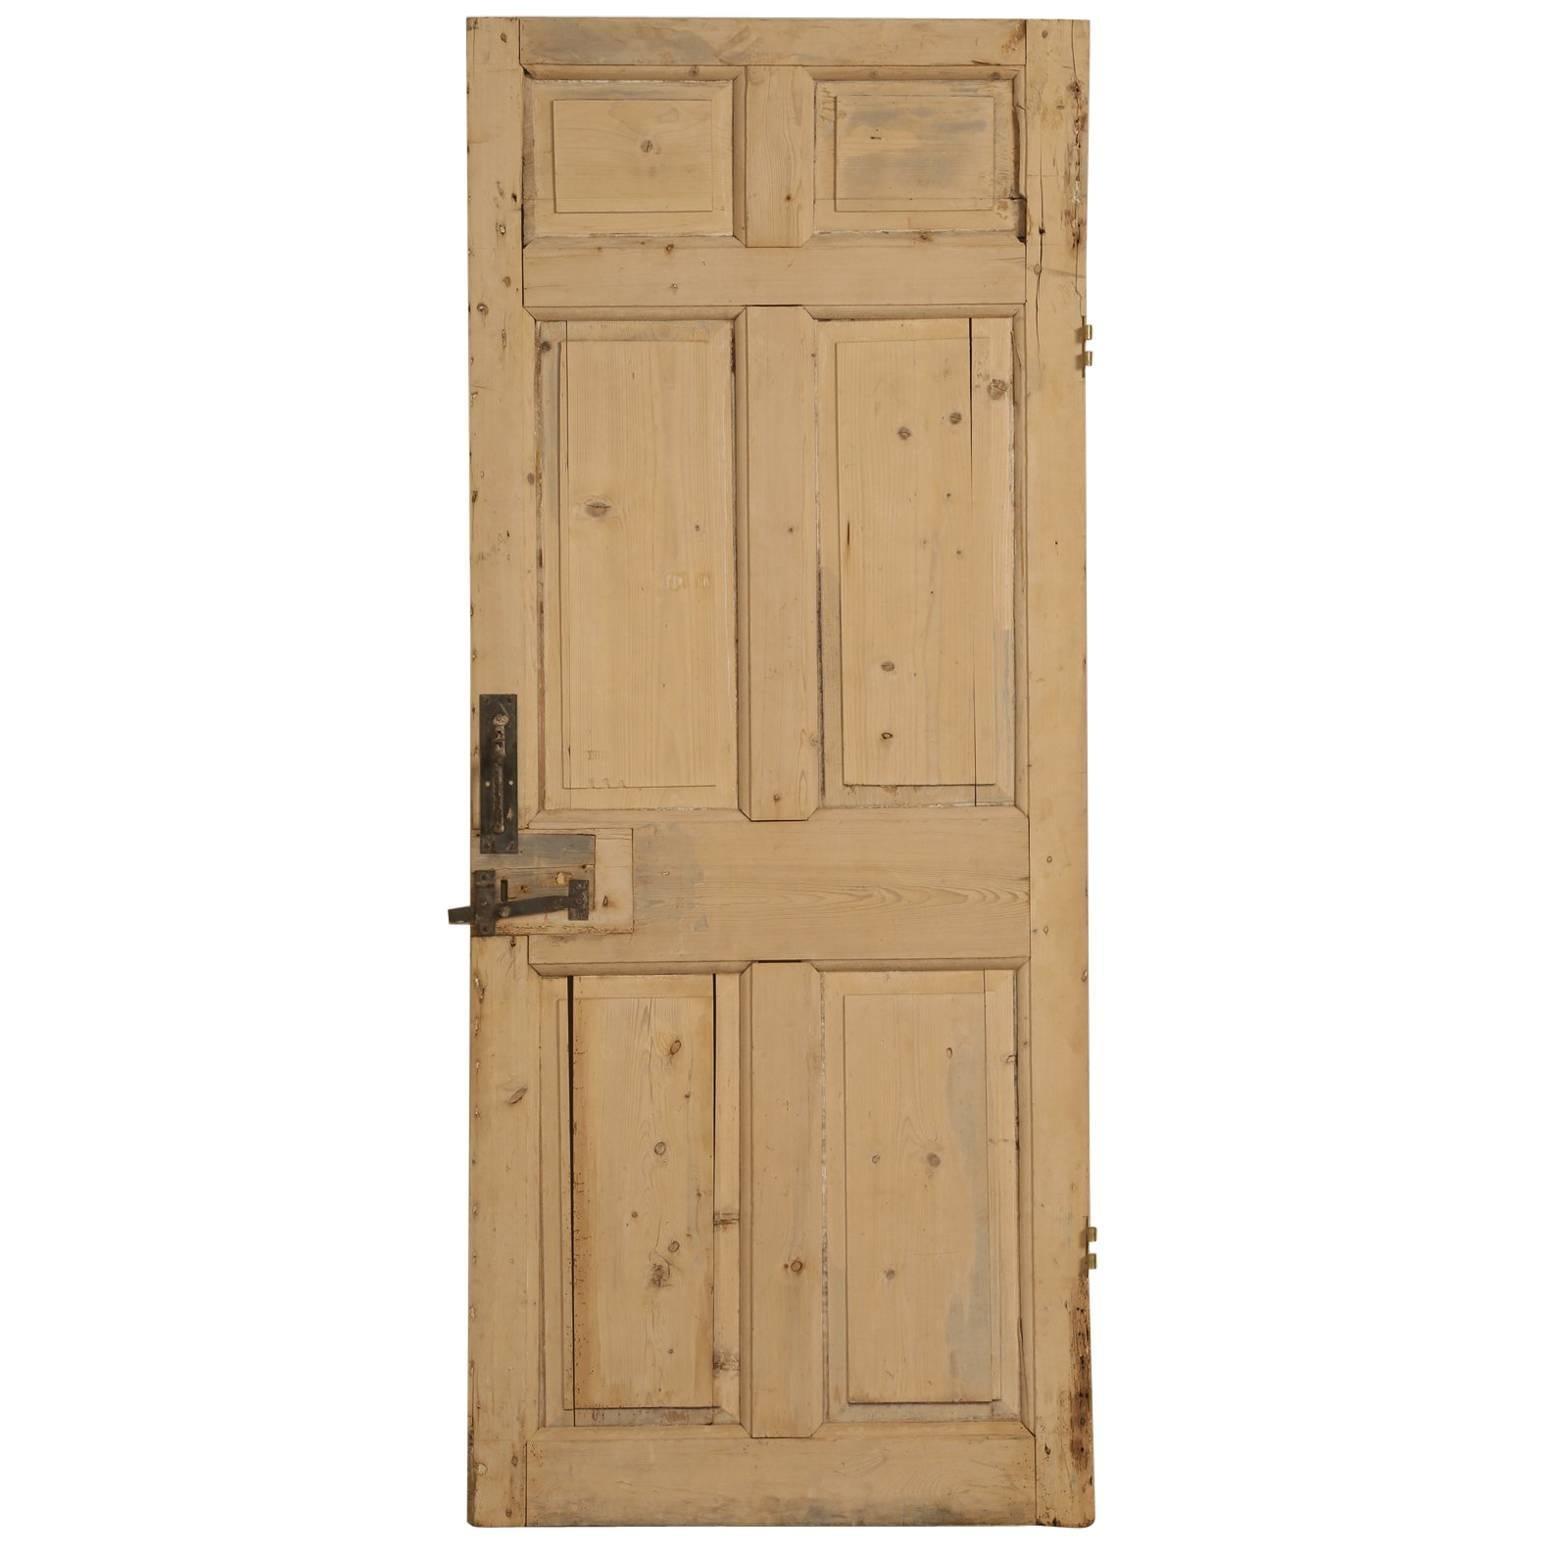 Antique Irish Scrubbed Pine Interior Door For Sale  sc 1 st  1stDibs & Antique Irish Scrubbed Pine Interior Door For Sale at 1stdibs